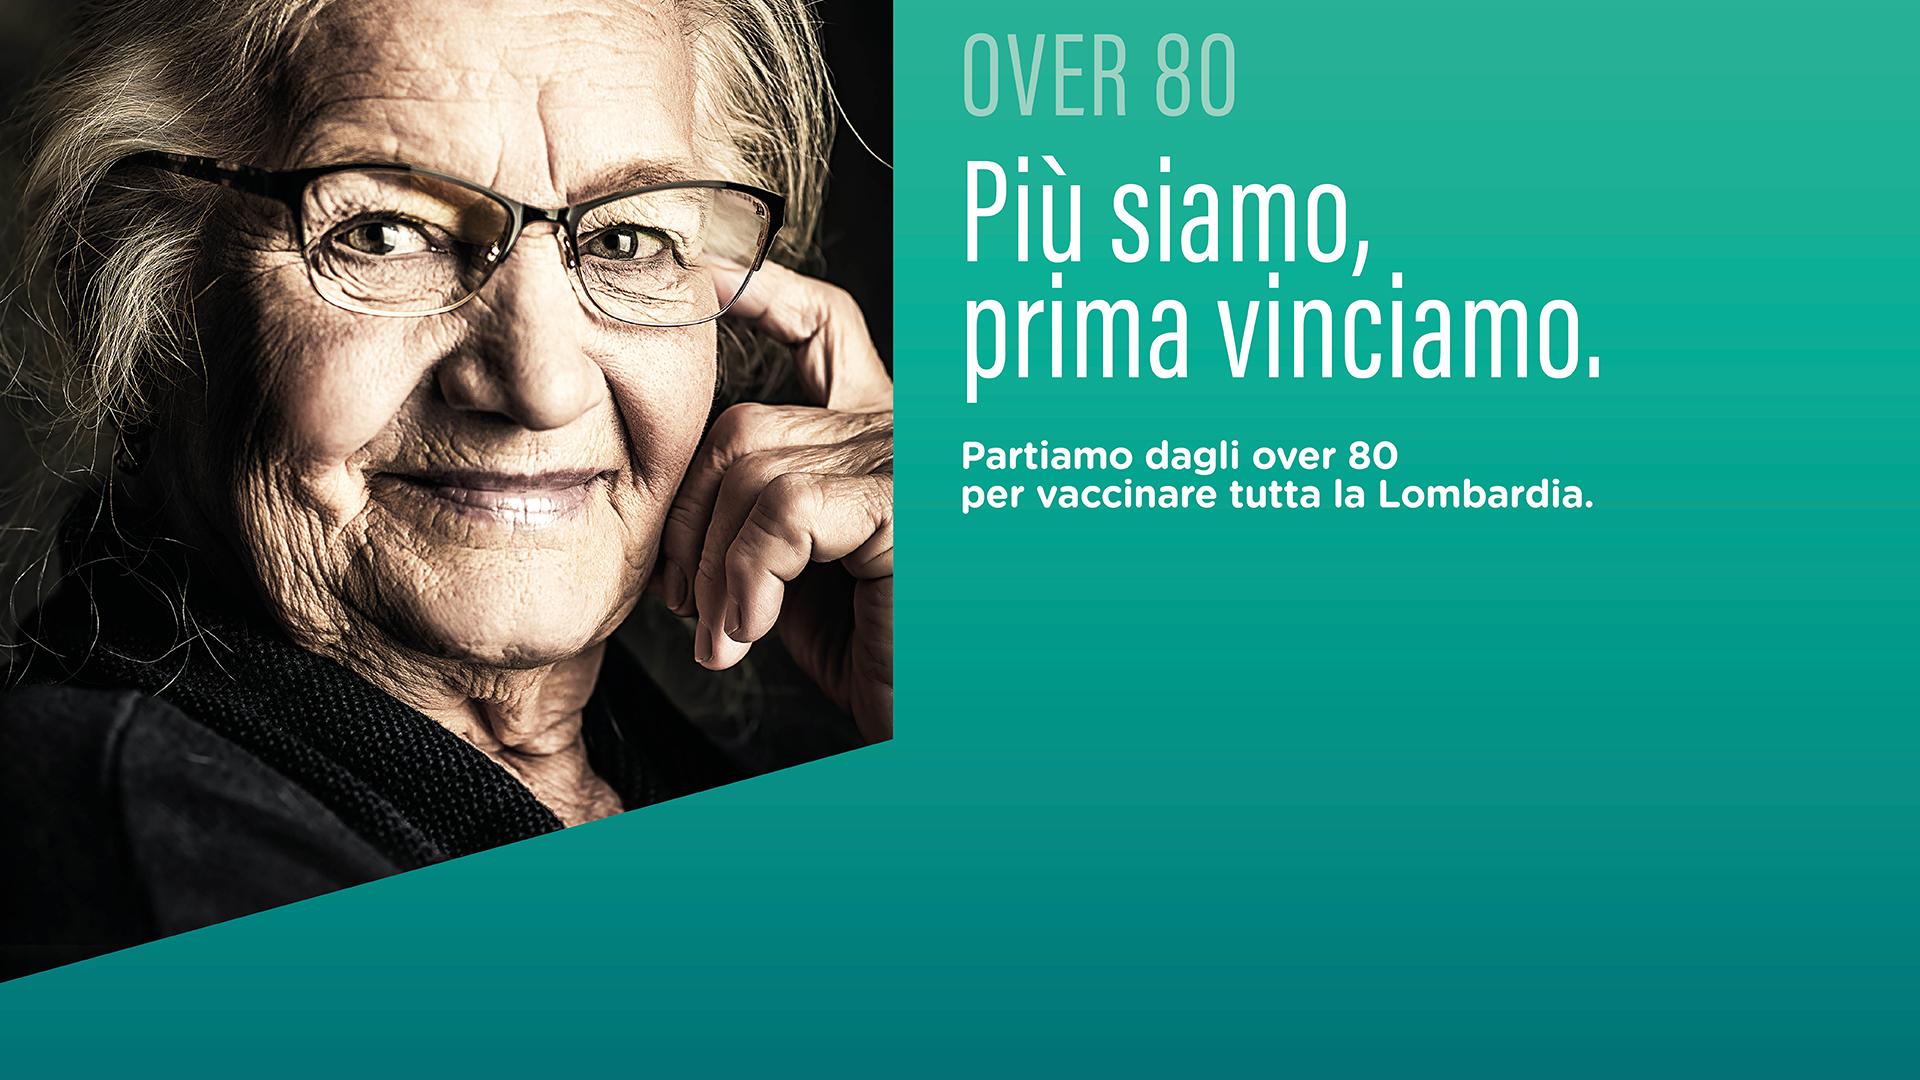 AVVIO CAMPAGNA VACCINALE ANTI COVID-19 PER CITTADINI OVER 80